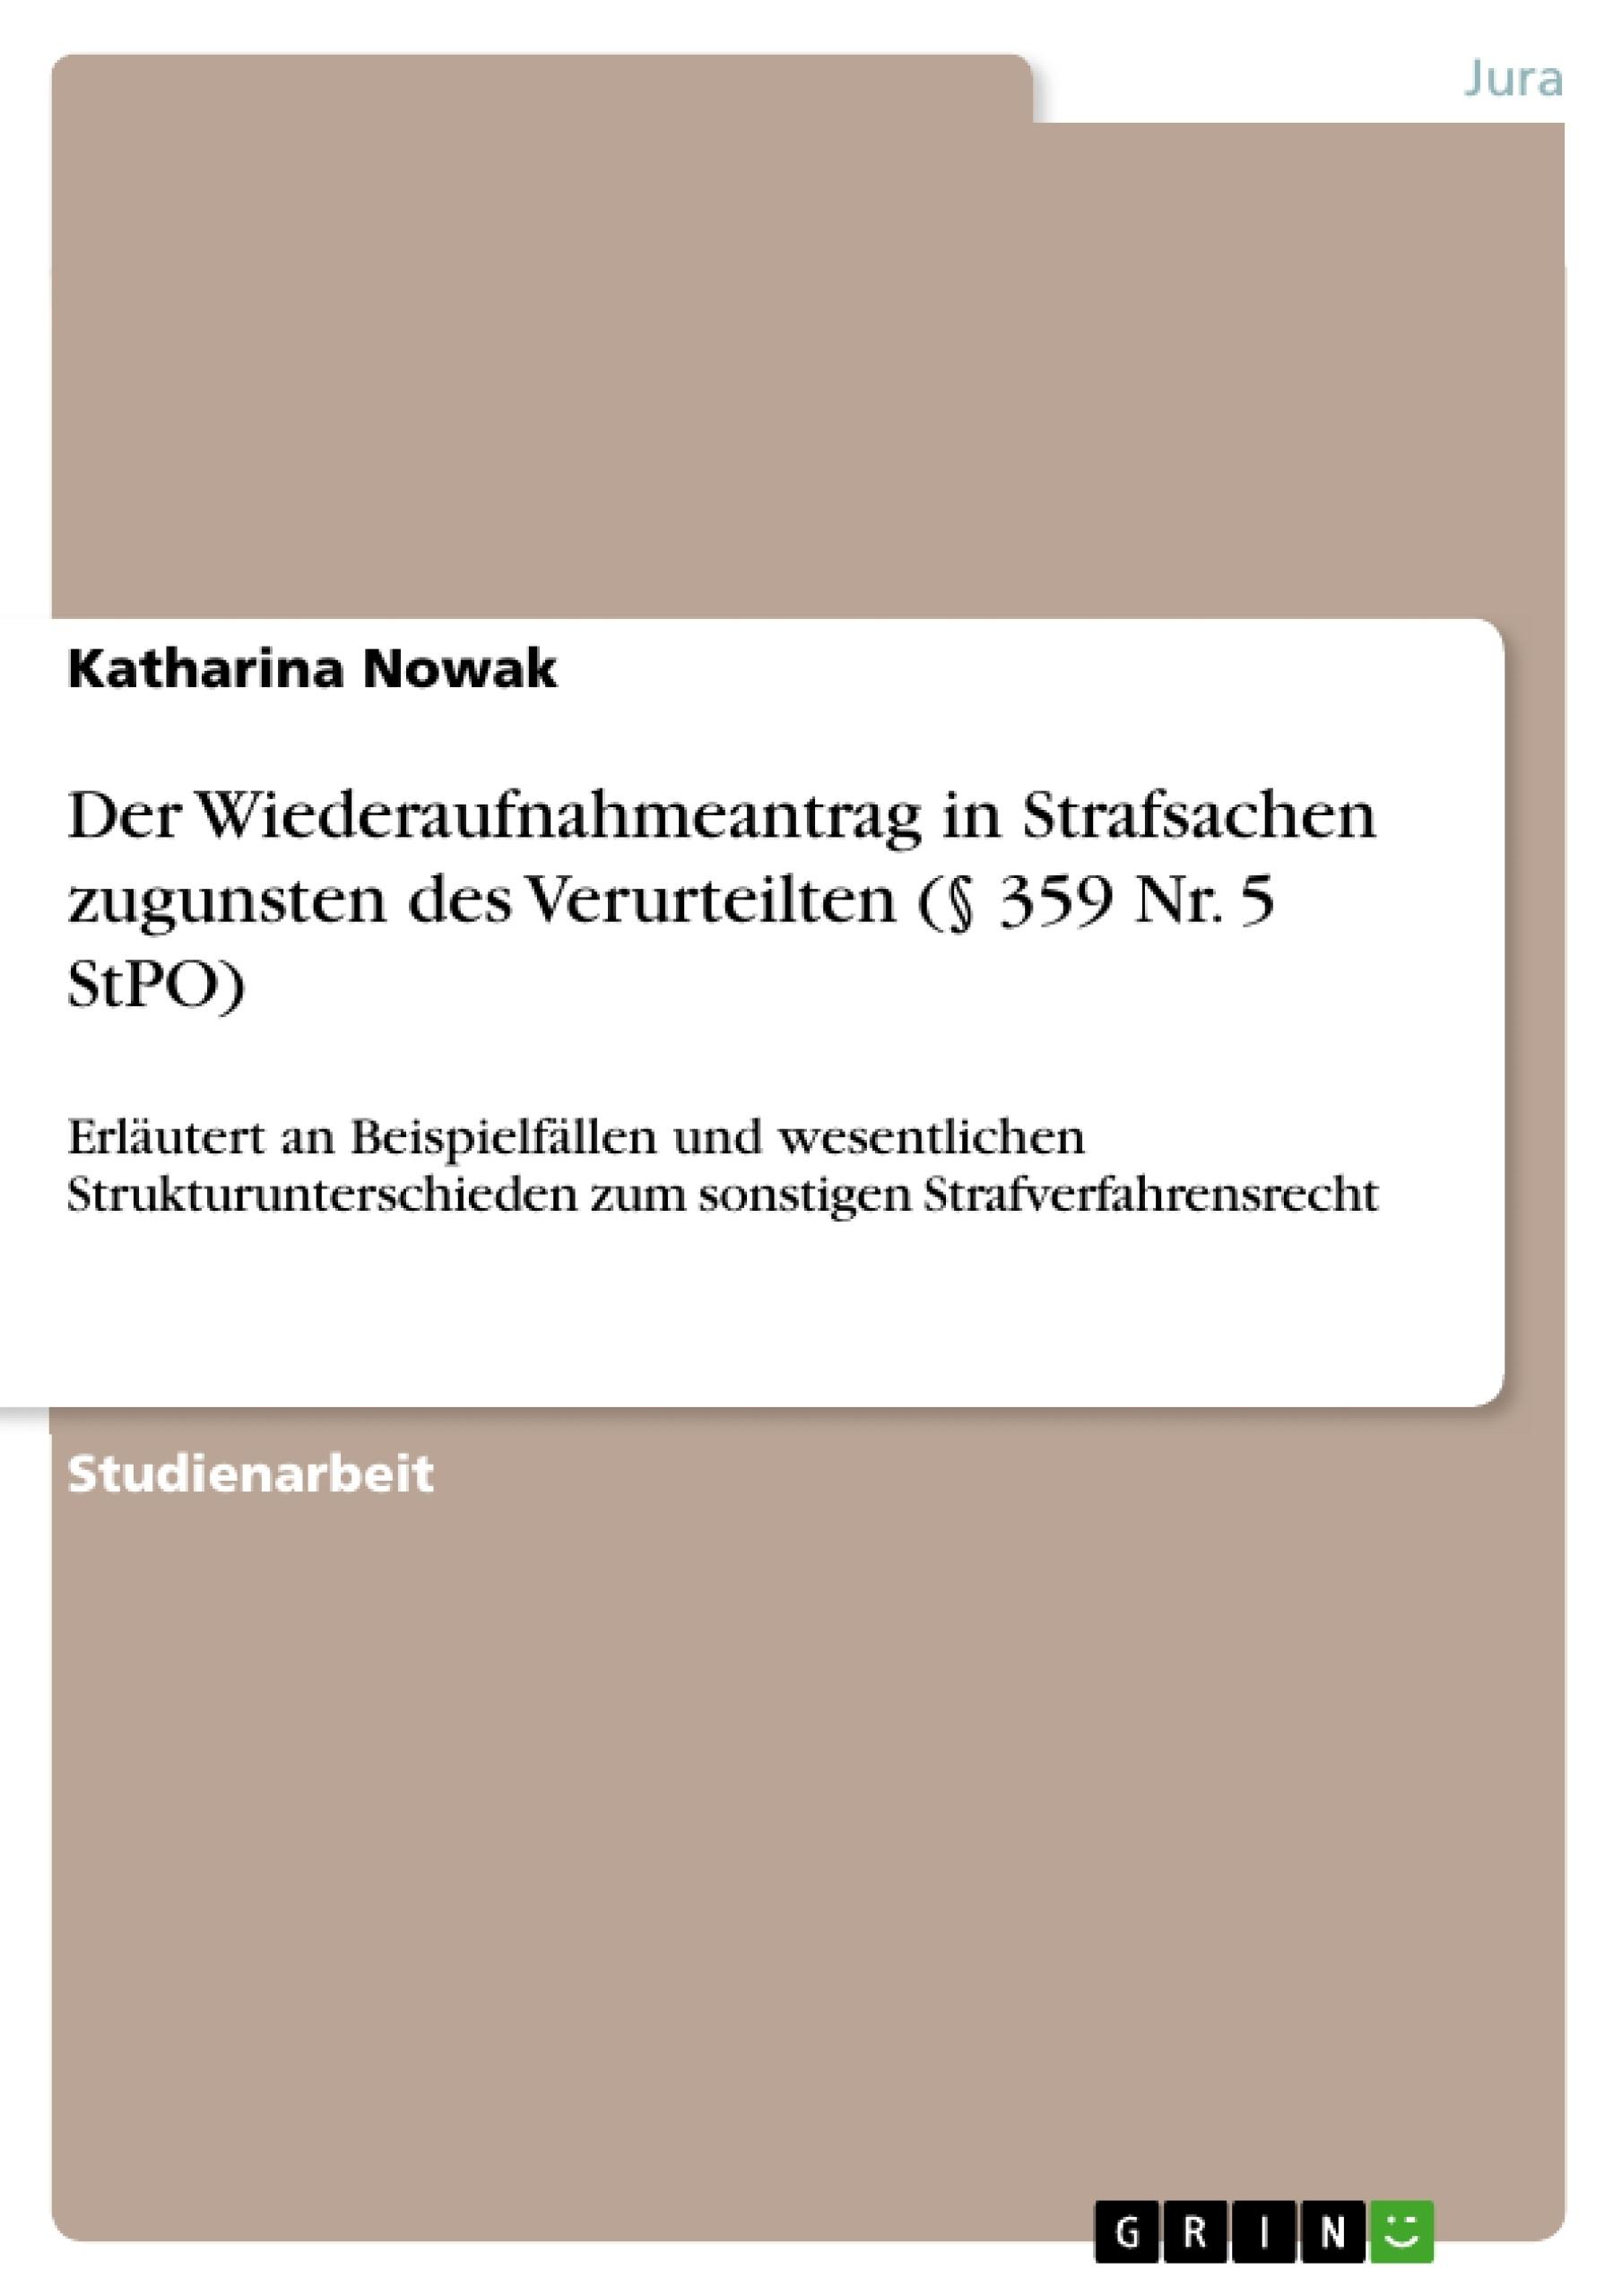 Titel: Der Wiederaufnahmeantrag in Strafsachen zugunsten des Verurteilten (§ 359 Nr. 5 StPO)